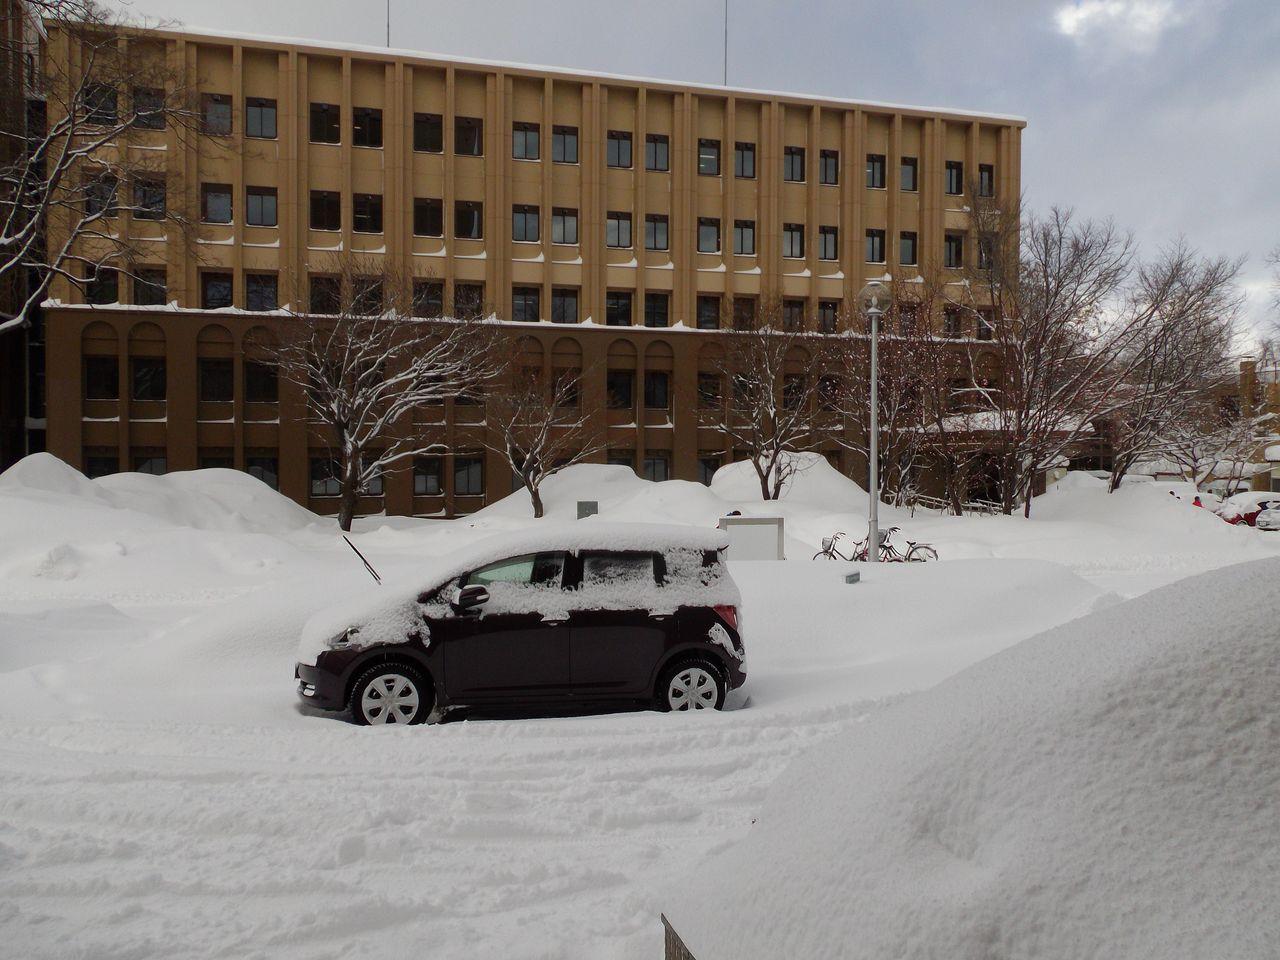 この冬、最悪の一日_c0025115_20255793.jpg